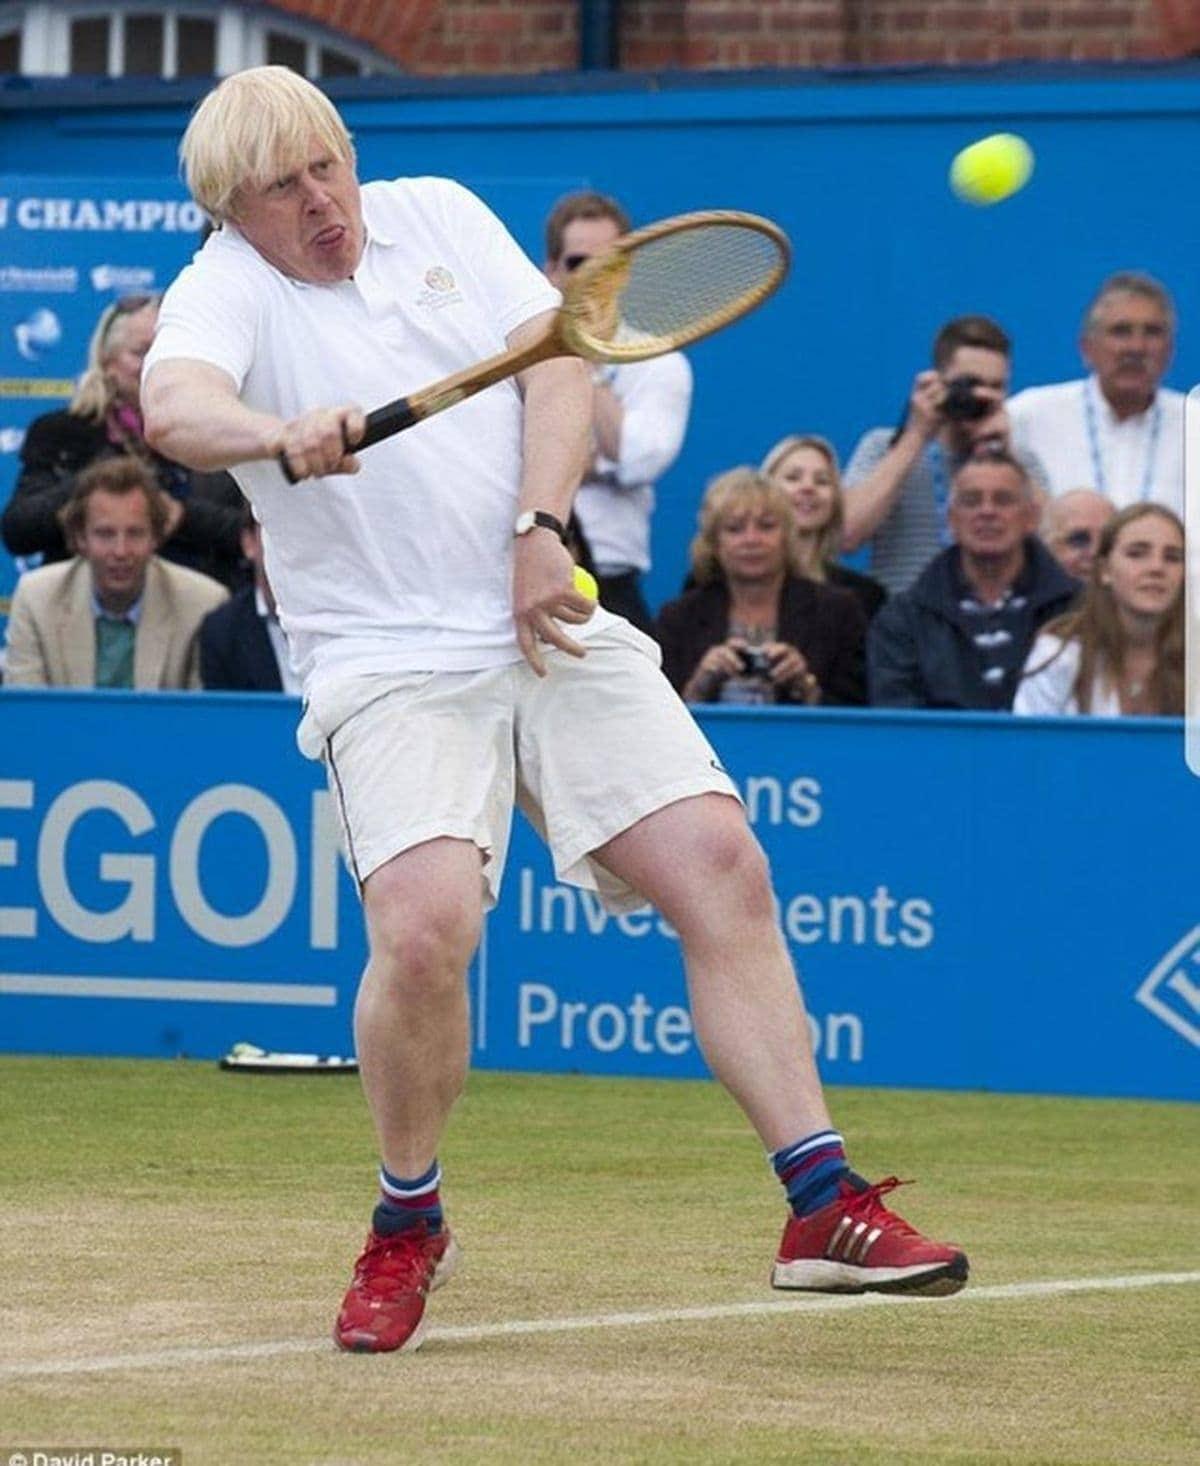 Nach Insolvenz: Boris Becker zurück auf dem Tennisplatz | Lustiges | Was is hier eigentlich los?